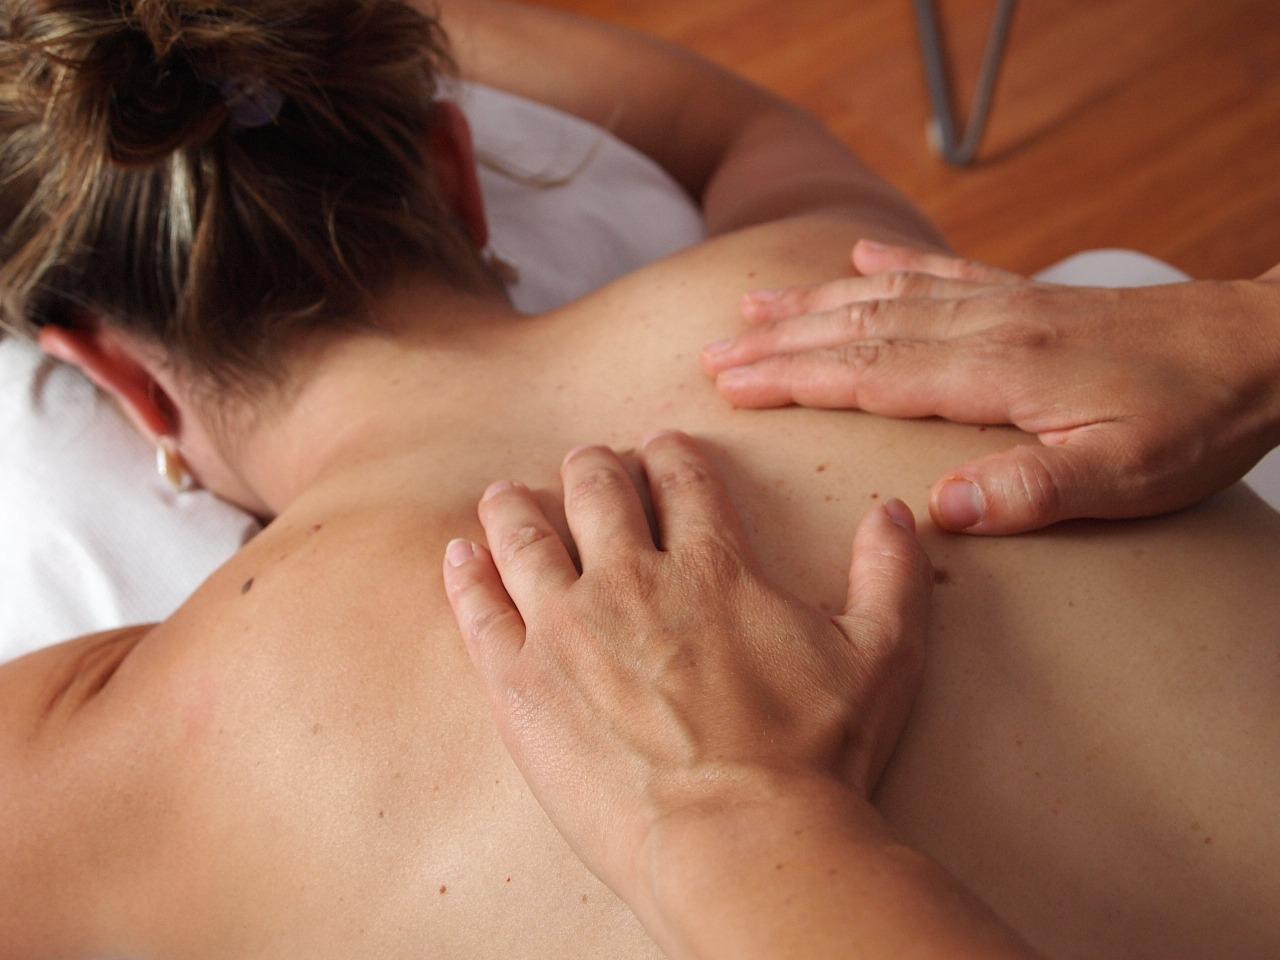 背中のシミを消したい場合は、シミ取り専門エステが簡単確実に除去できるのでおすすめ